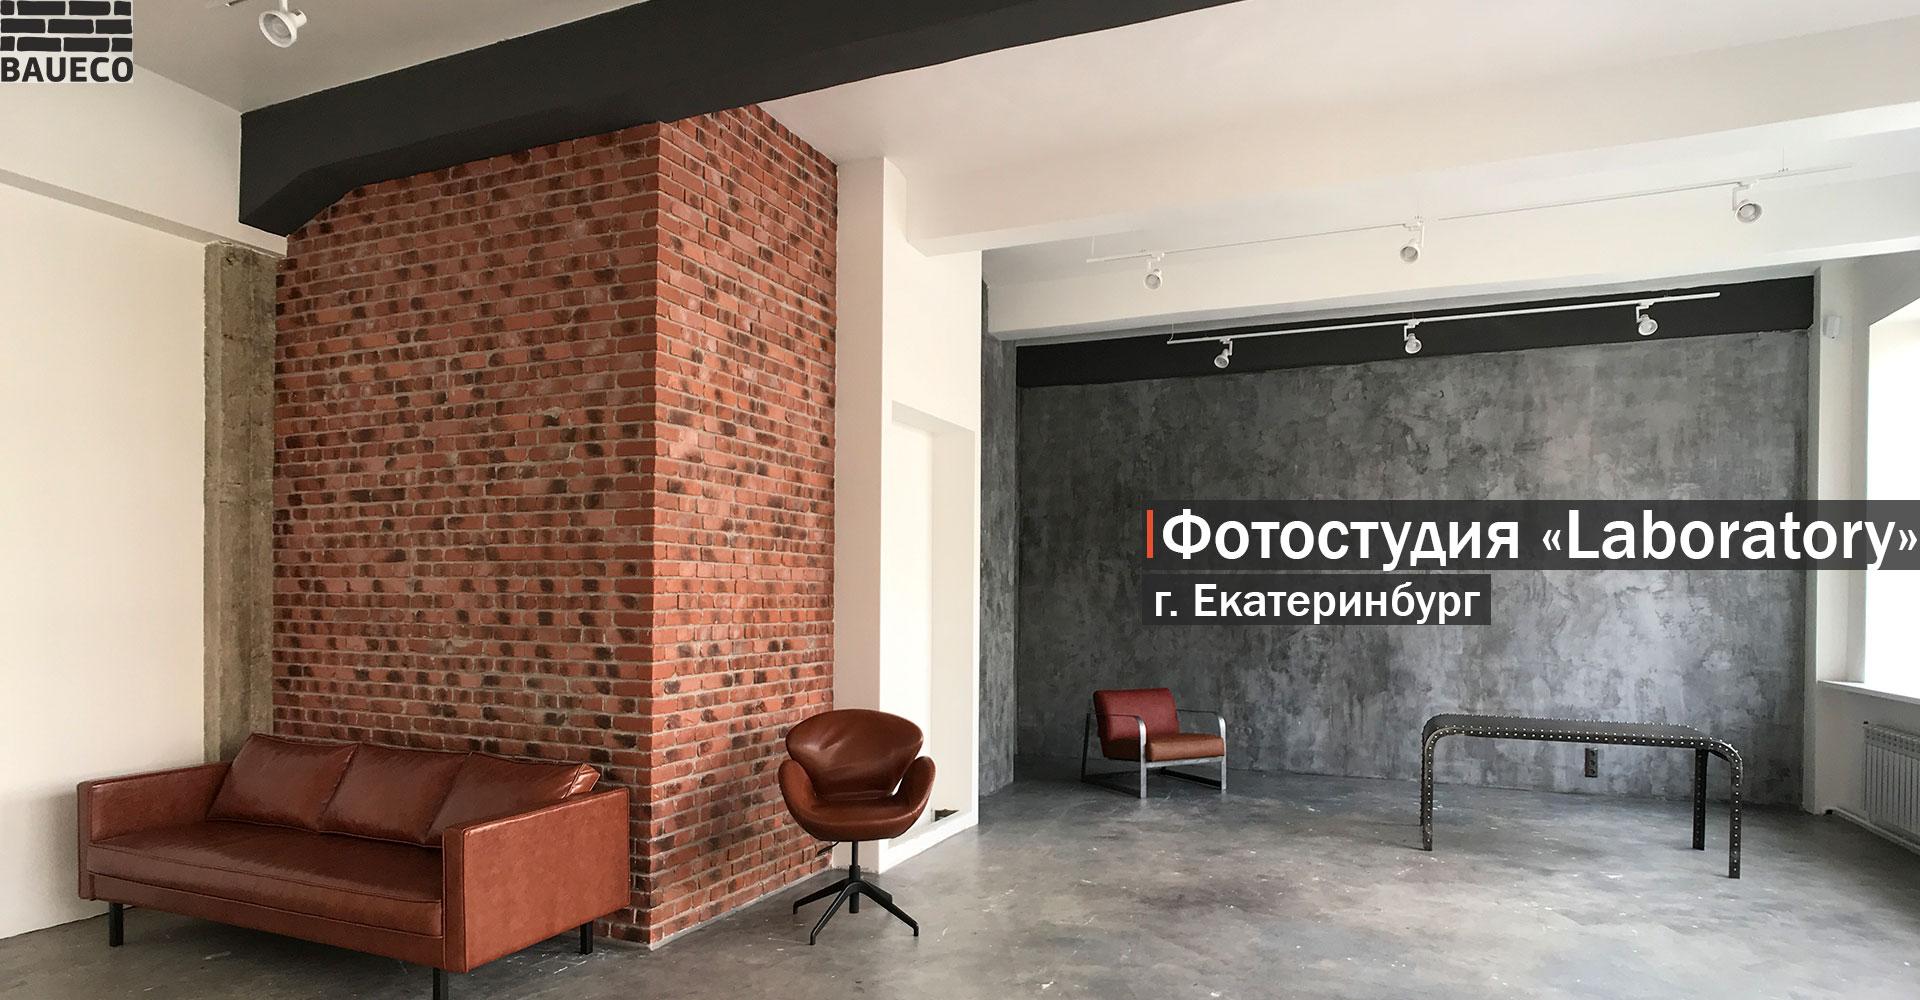 Плитка под кирпич БауЭко - фотостудия Laboratory